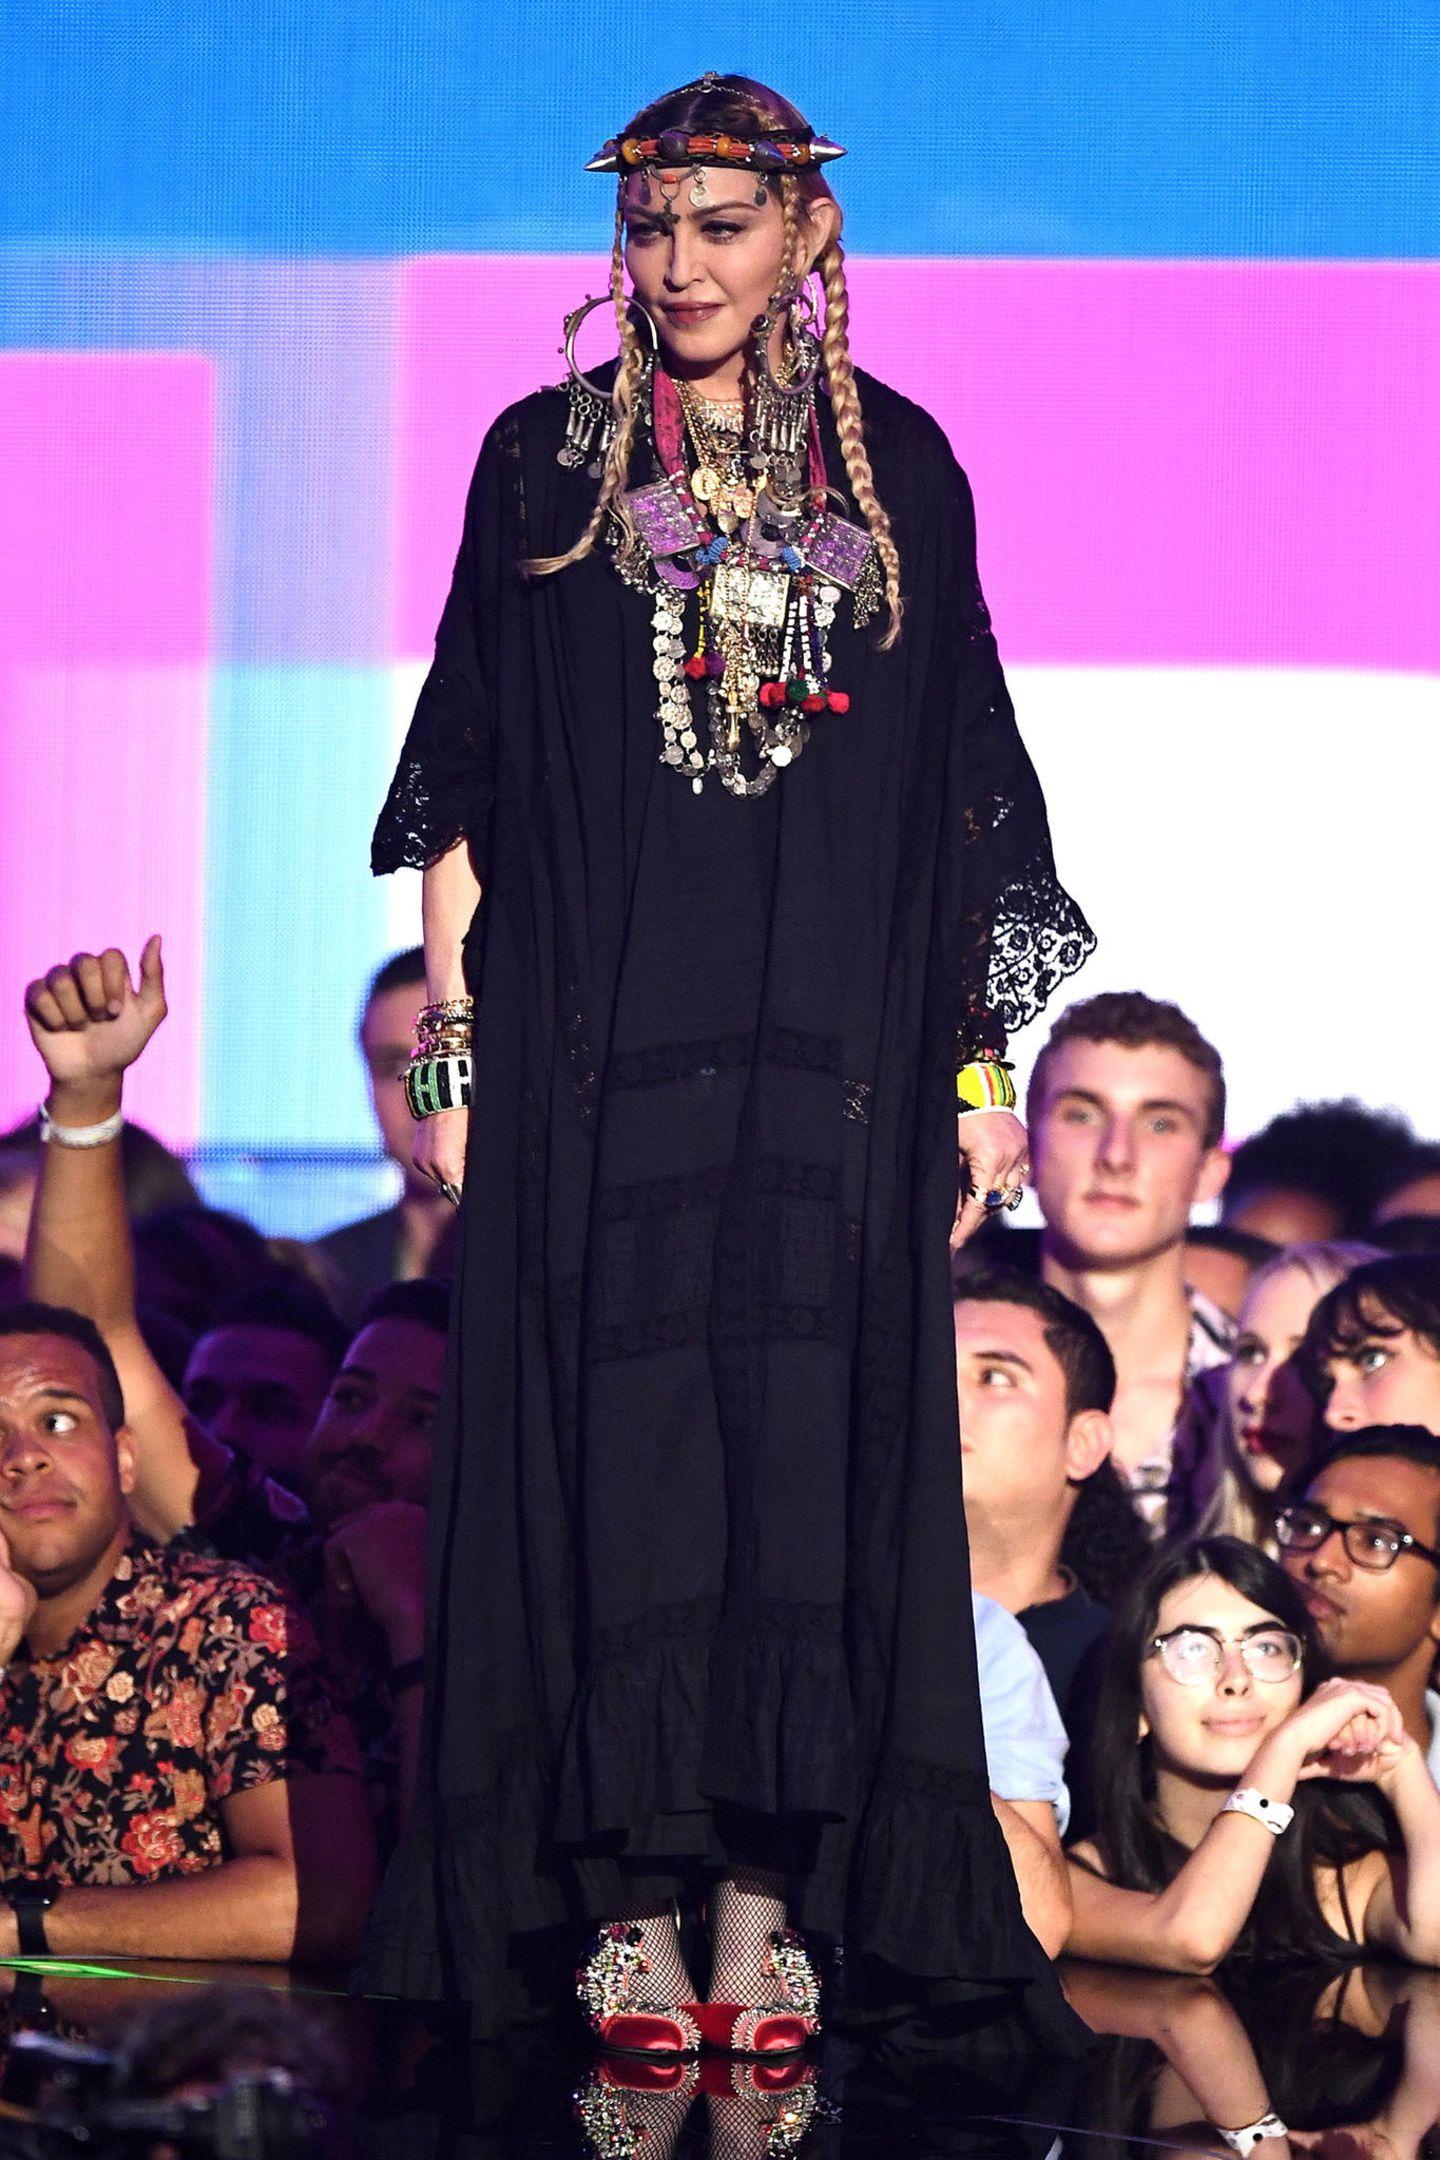 Dafür ist der Rest ihres Outfits, der schwarze Spitzen-Kaftan, eher unauffällig. Madonnas Schuhwerk ist dafür wieder ein Blickfang.